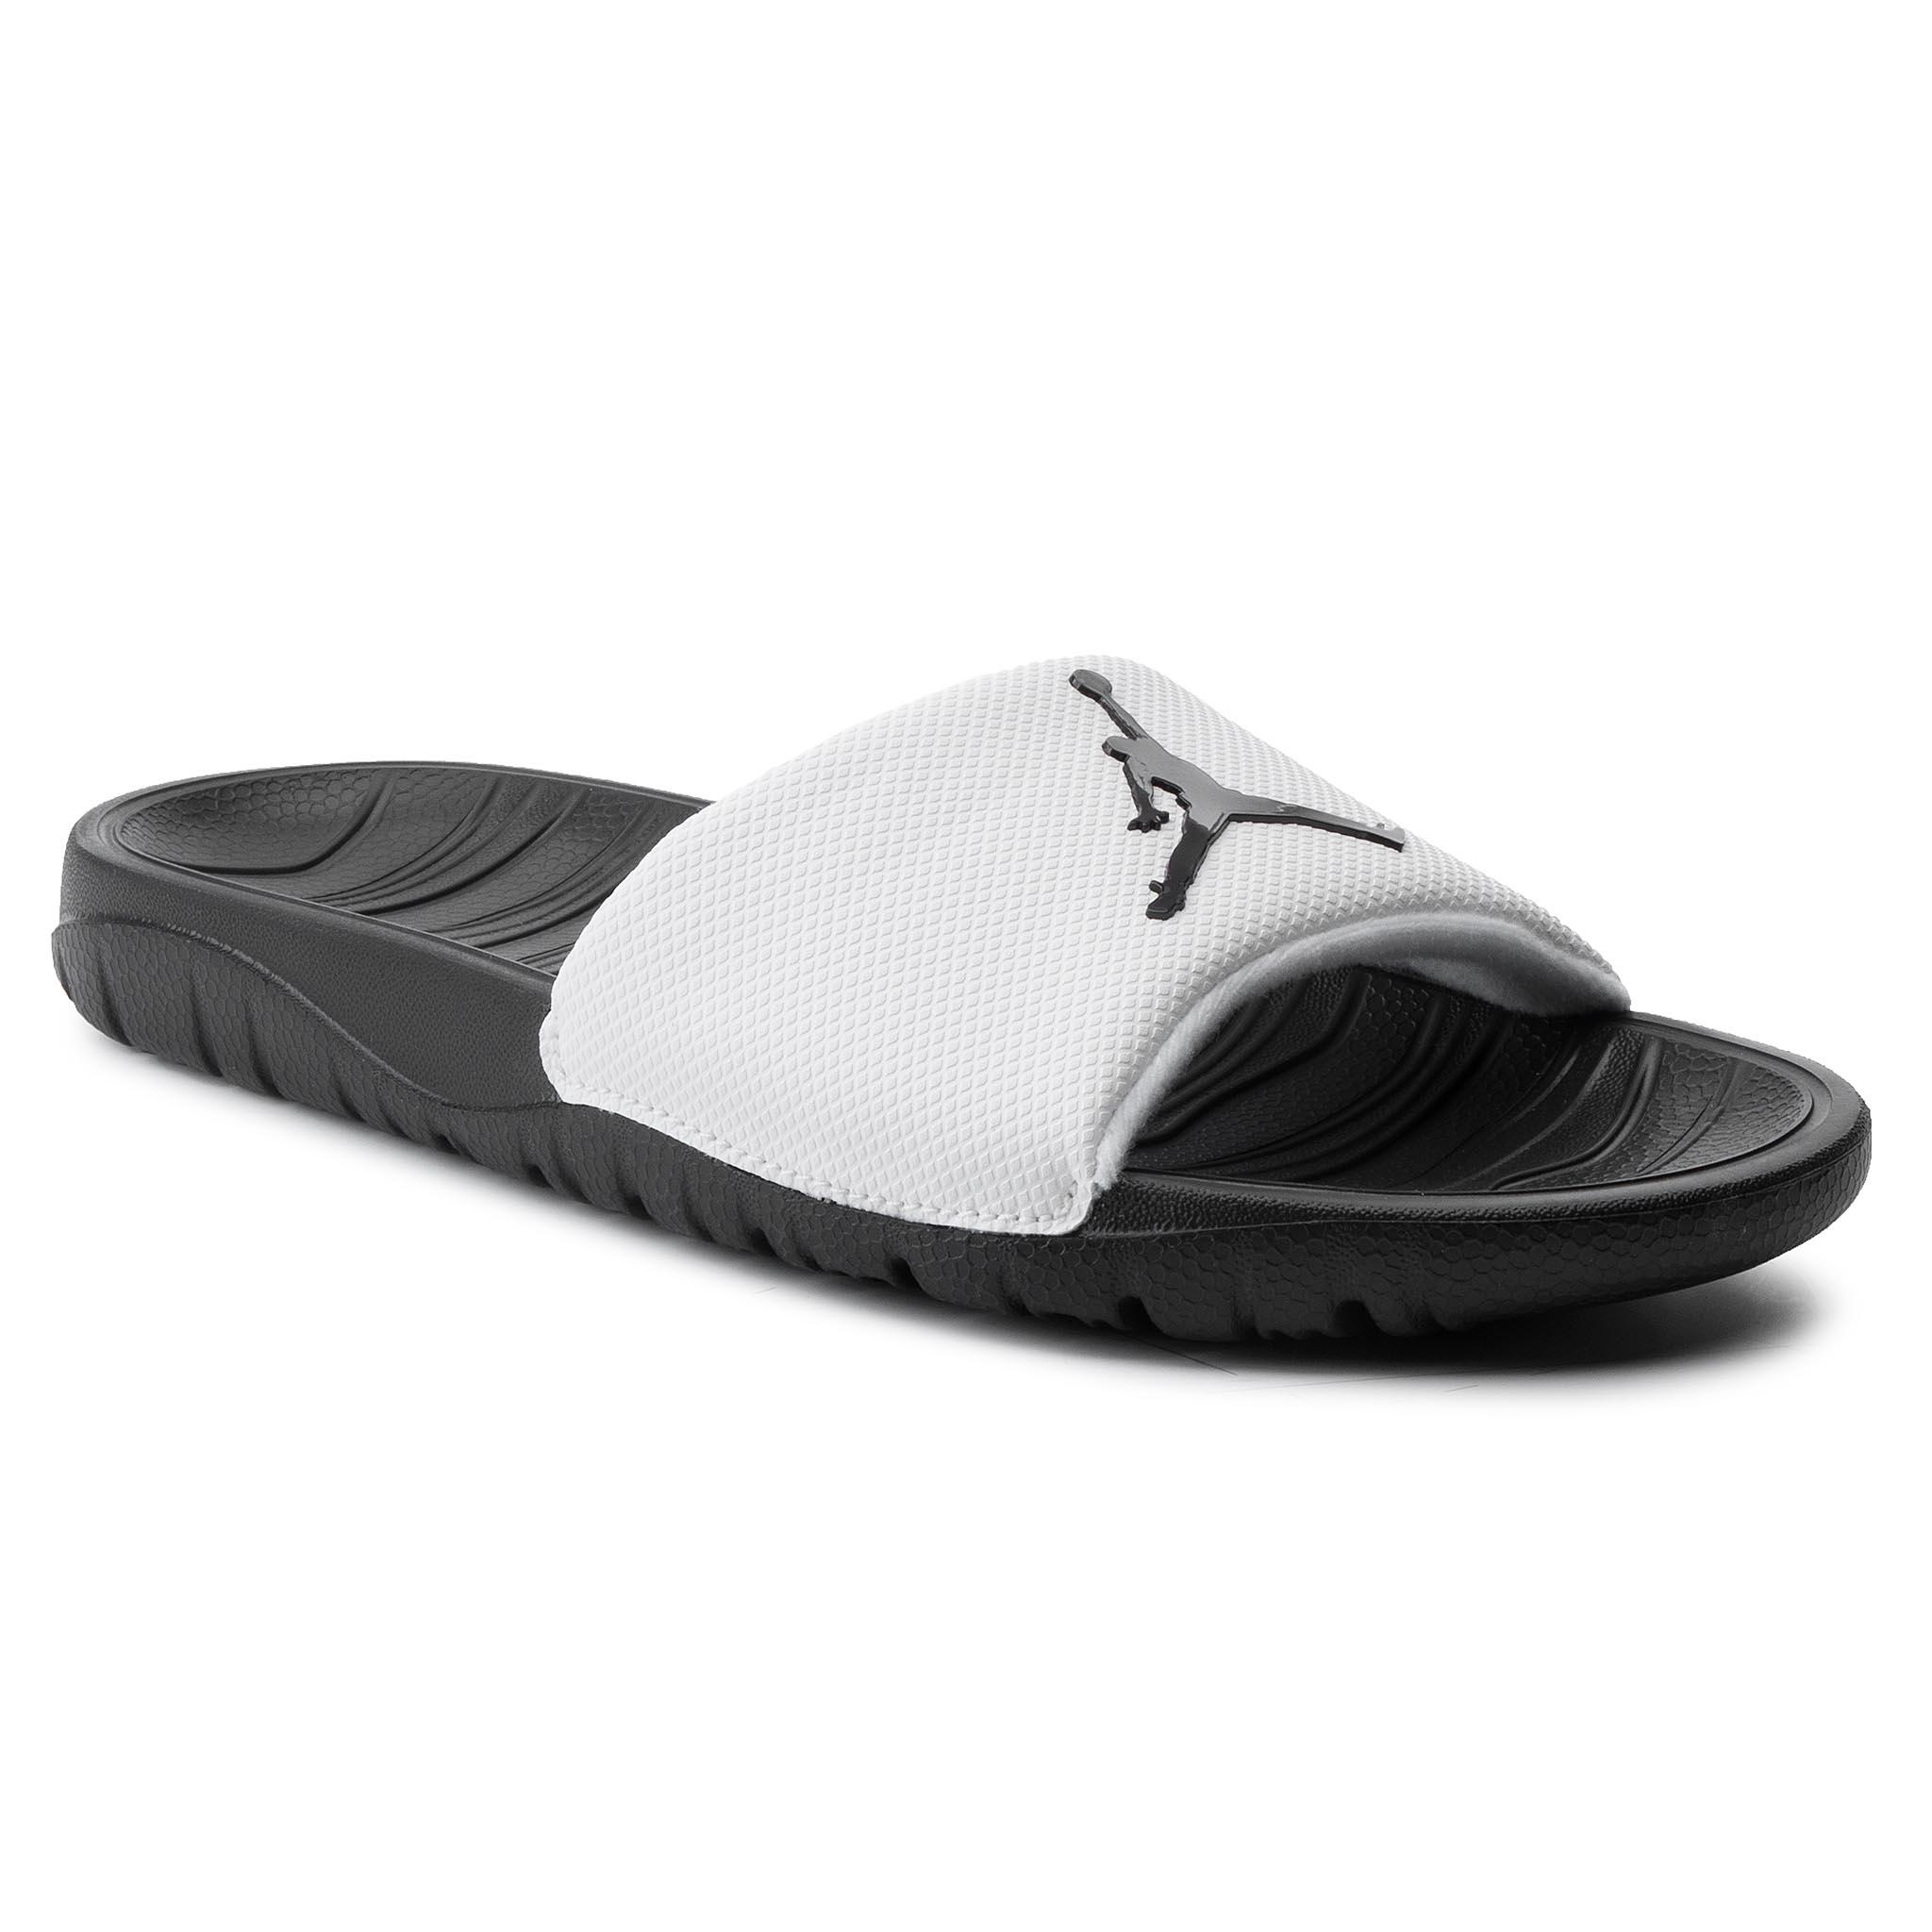 f6e2483b1c Šľapky NIKE - Jordan Break Slide AR6374 100 White Black Black. Nové Šľapky  NIKE ...